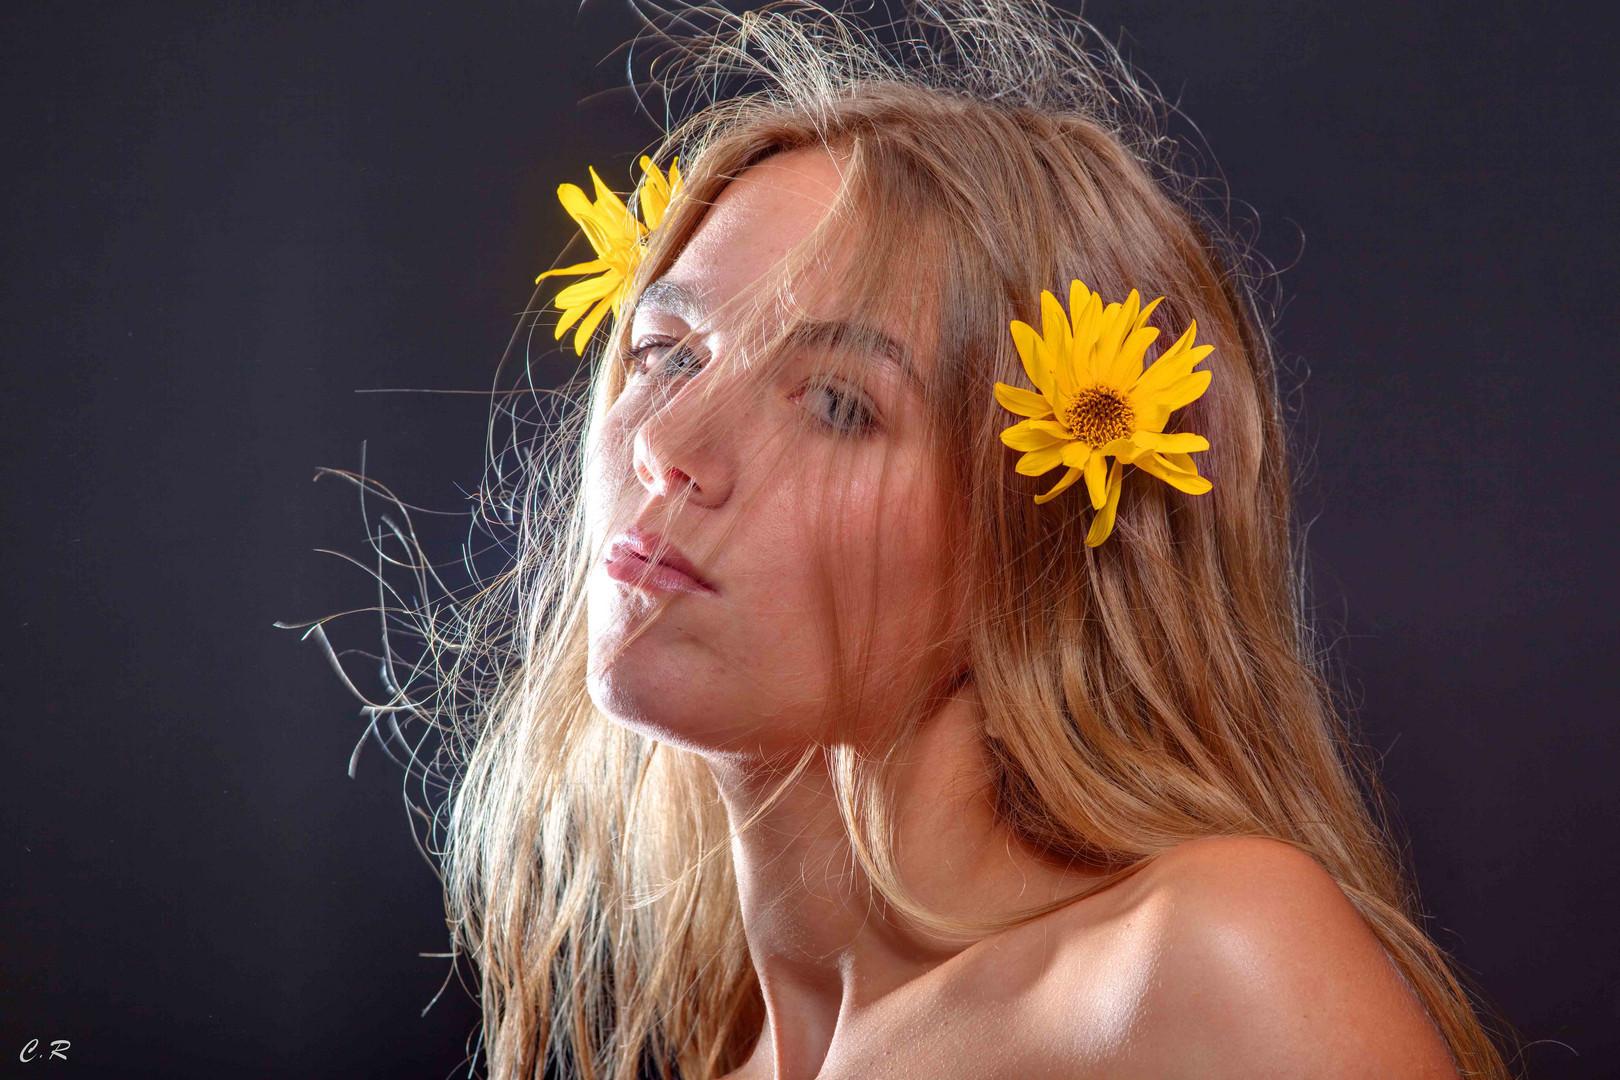 la femme et la fleur (1)